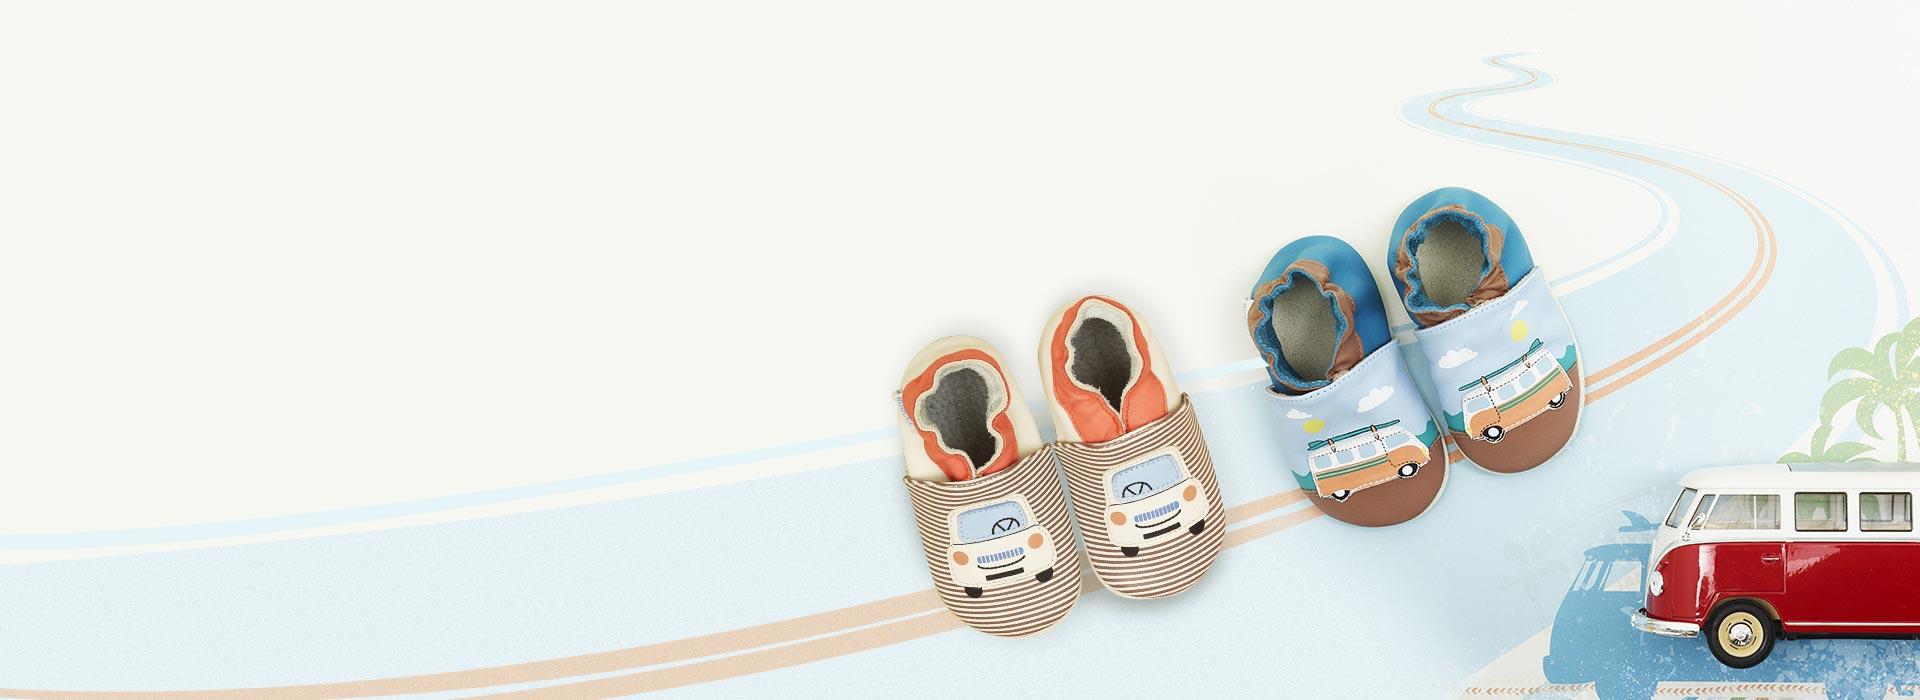 862e53c669cd5 Robeez   Chaussons souples et Mini Shoez pour bébés - Robeez